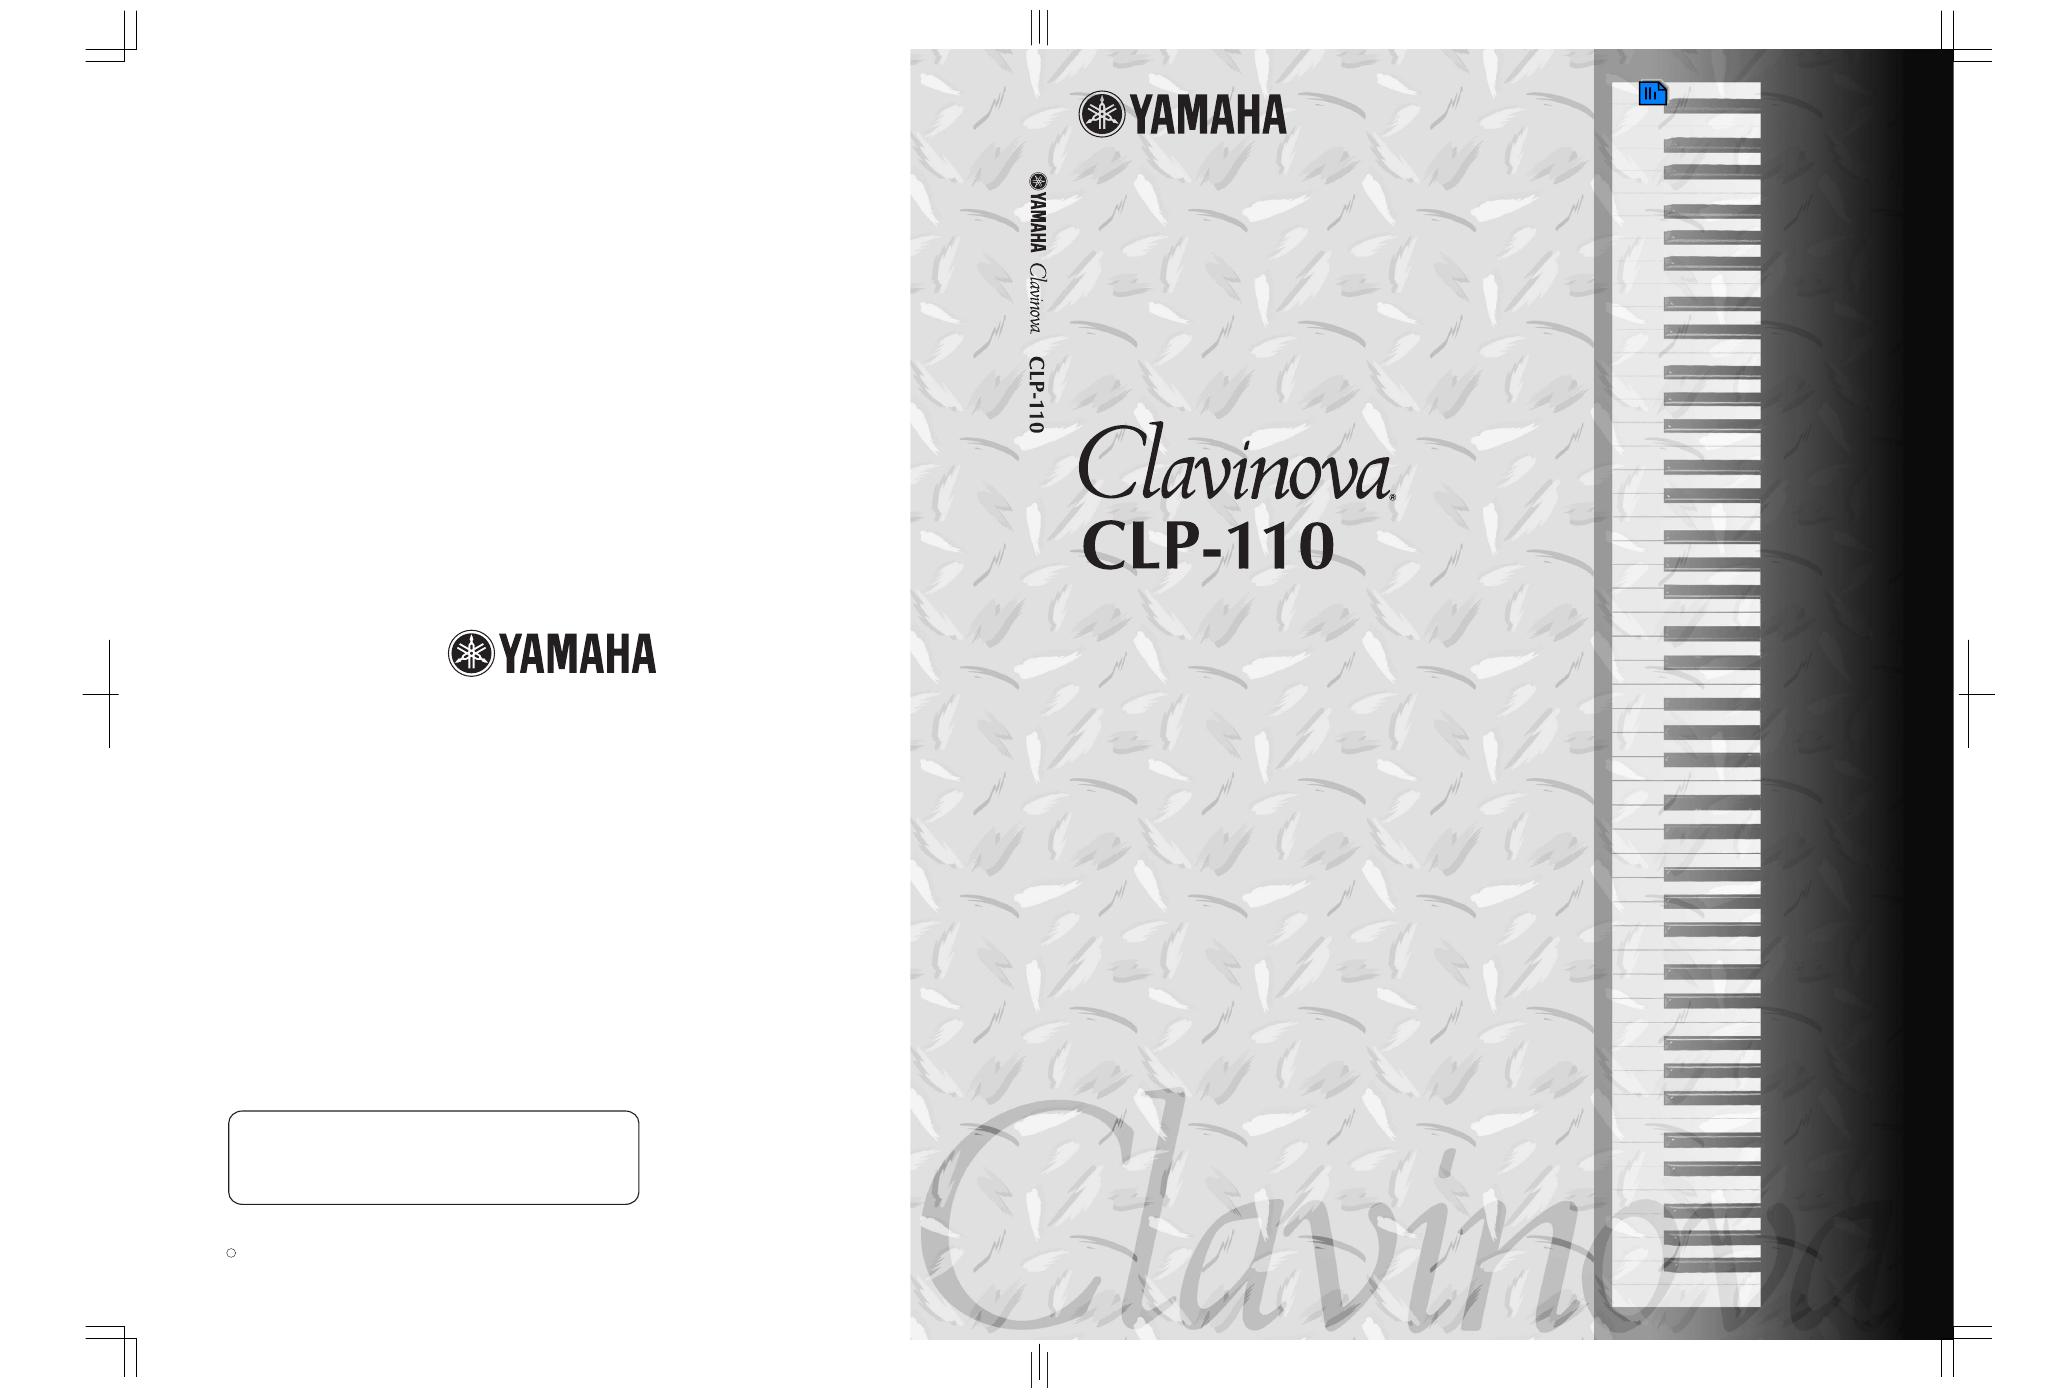 Yamaha clp 110 clavinova for Yamaha clavinova clp 110